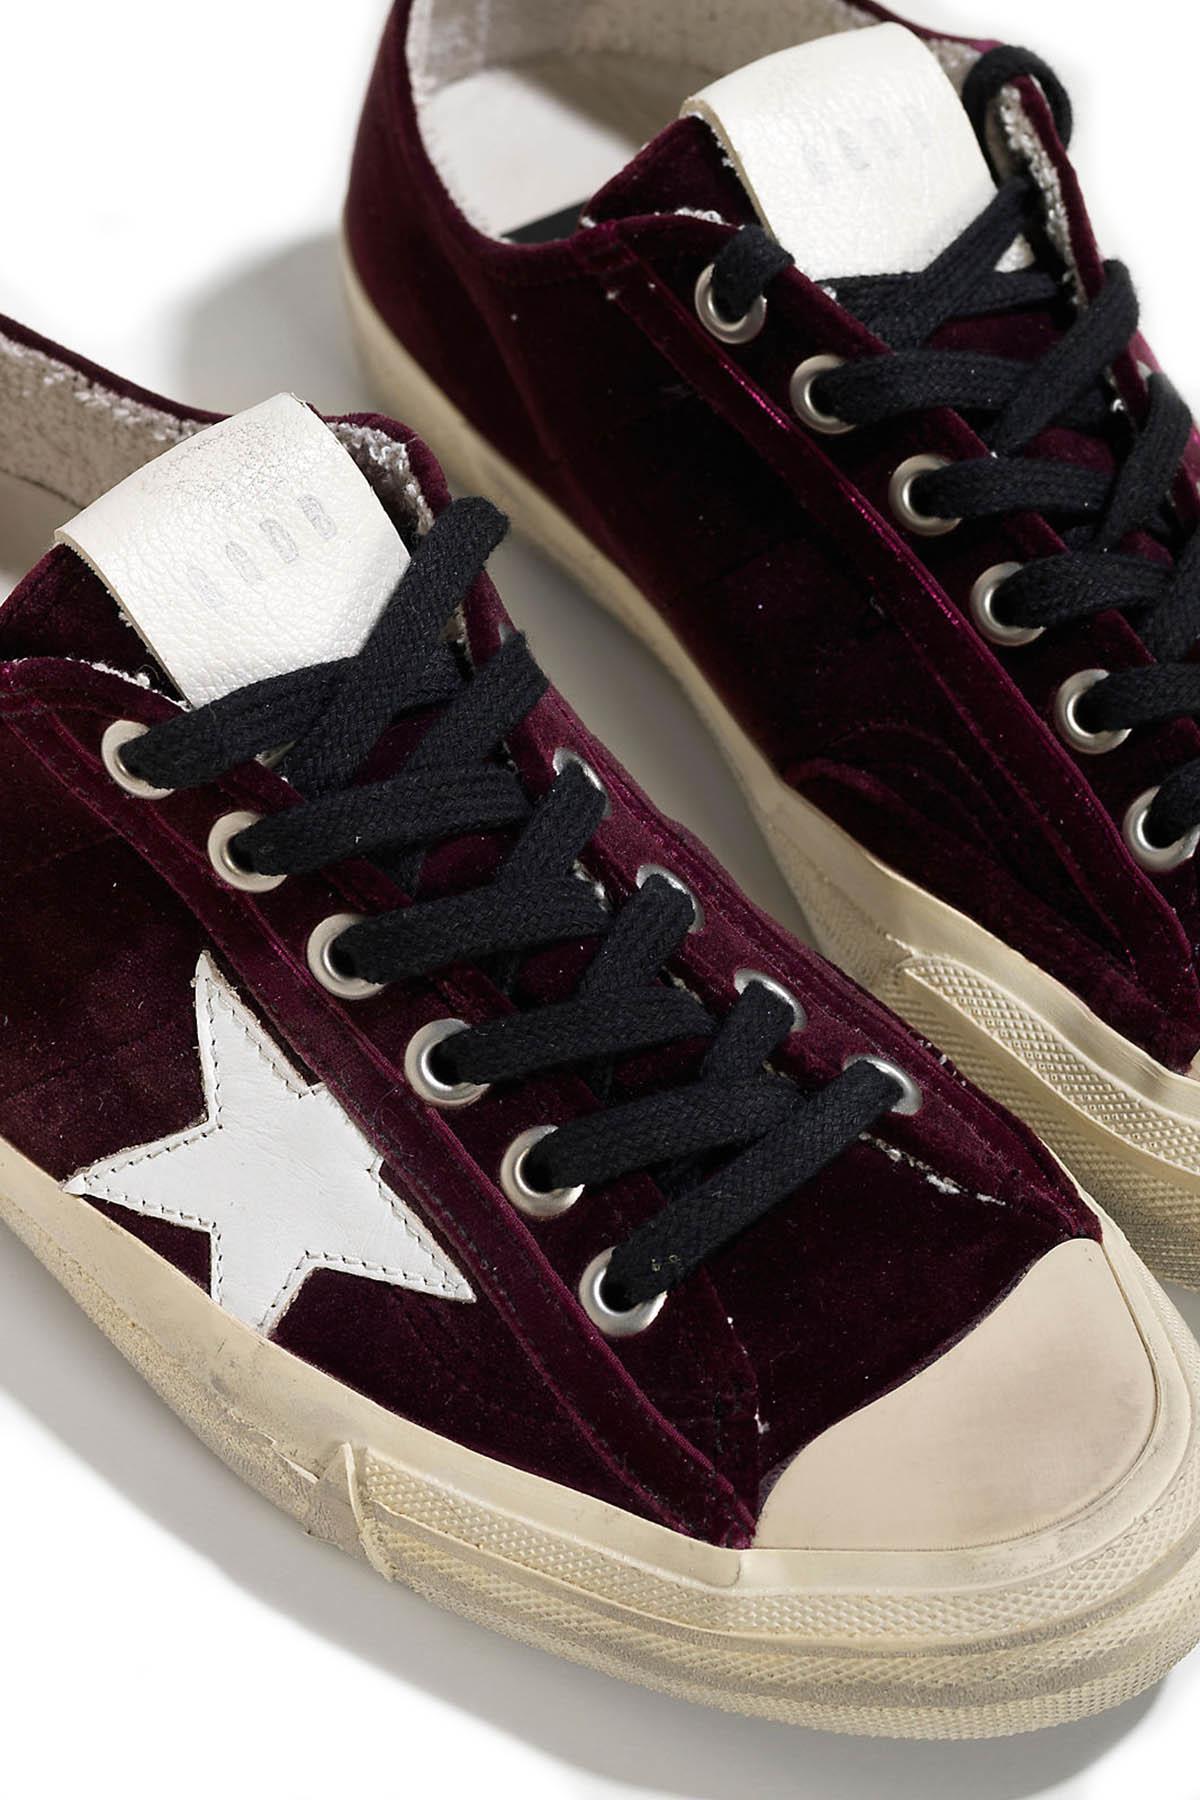 Golden Goose Deluxe Brand V-Star 2 Velvet Sneakers in Plum (Red)